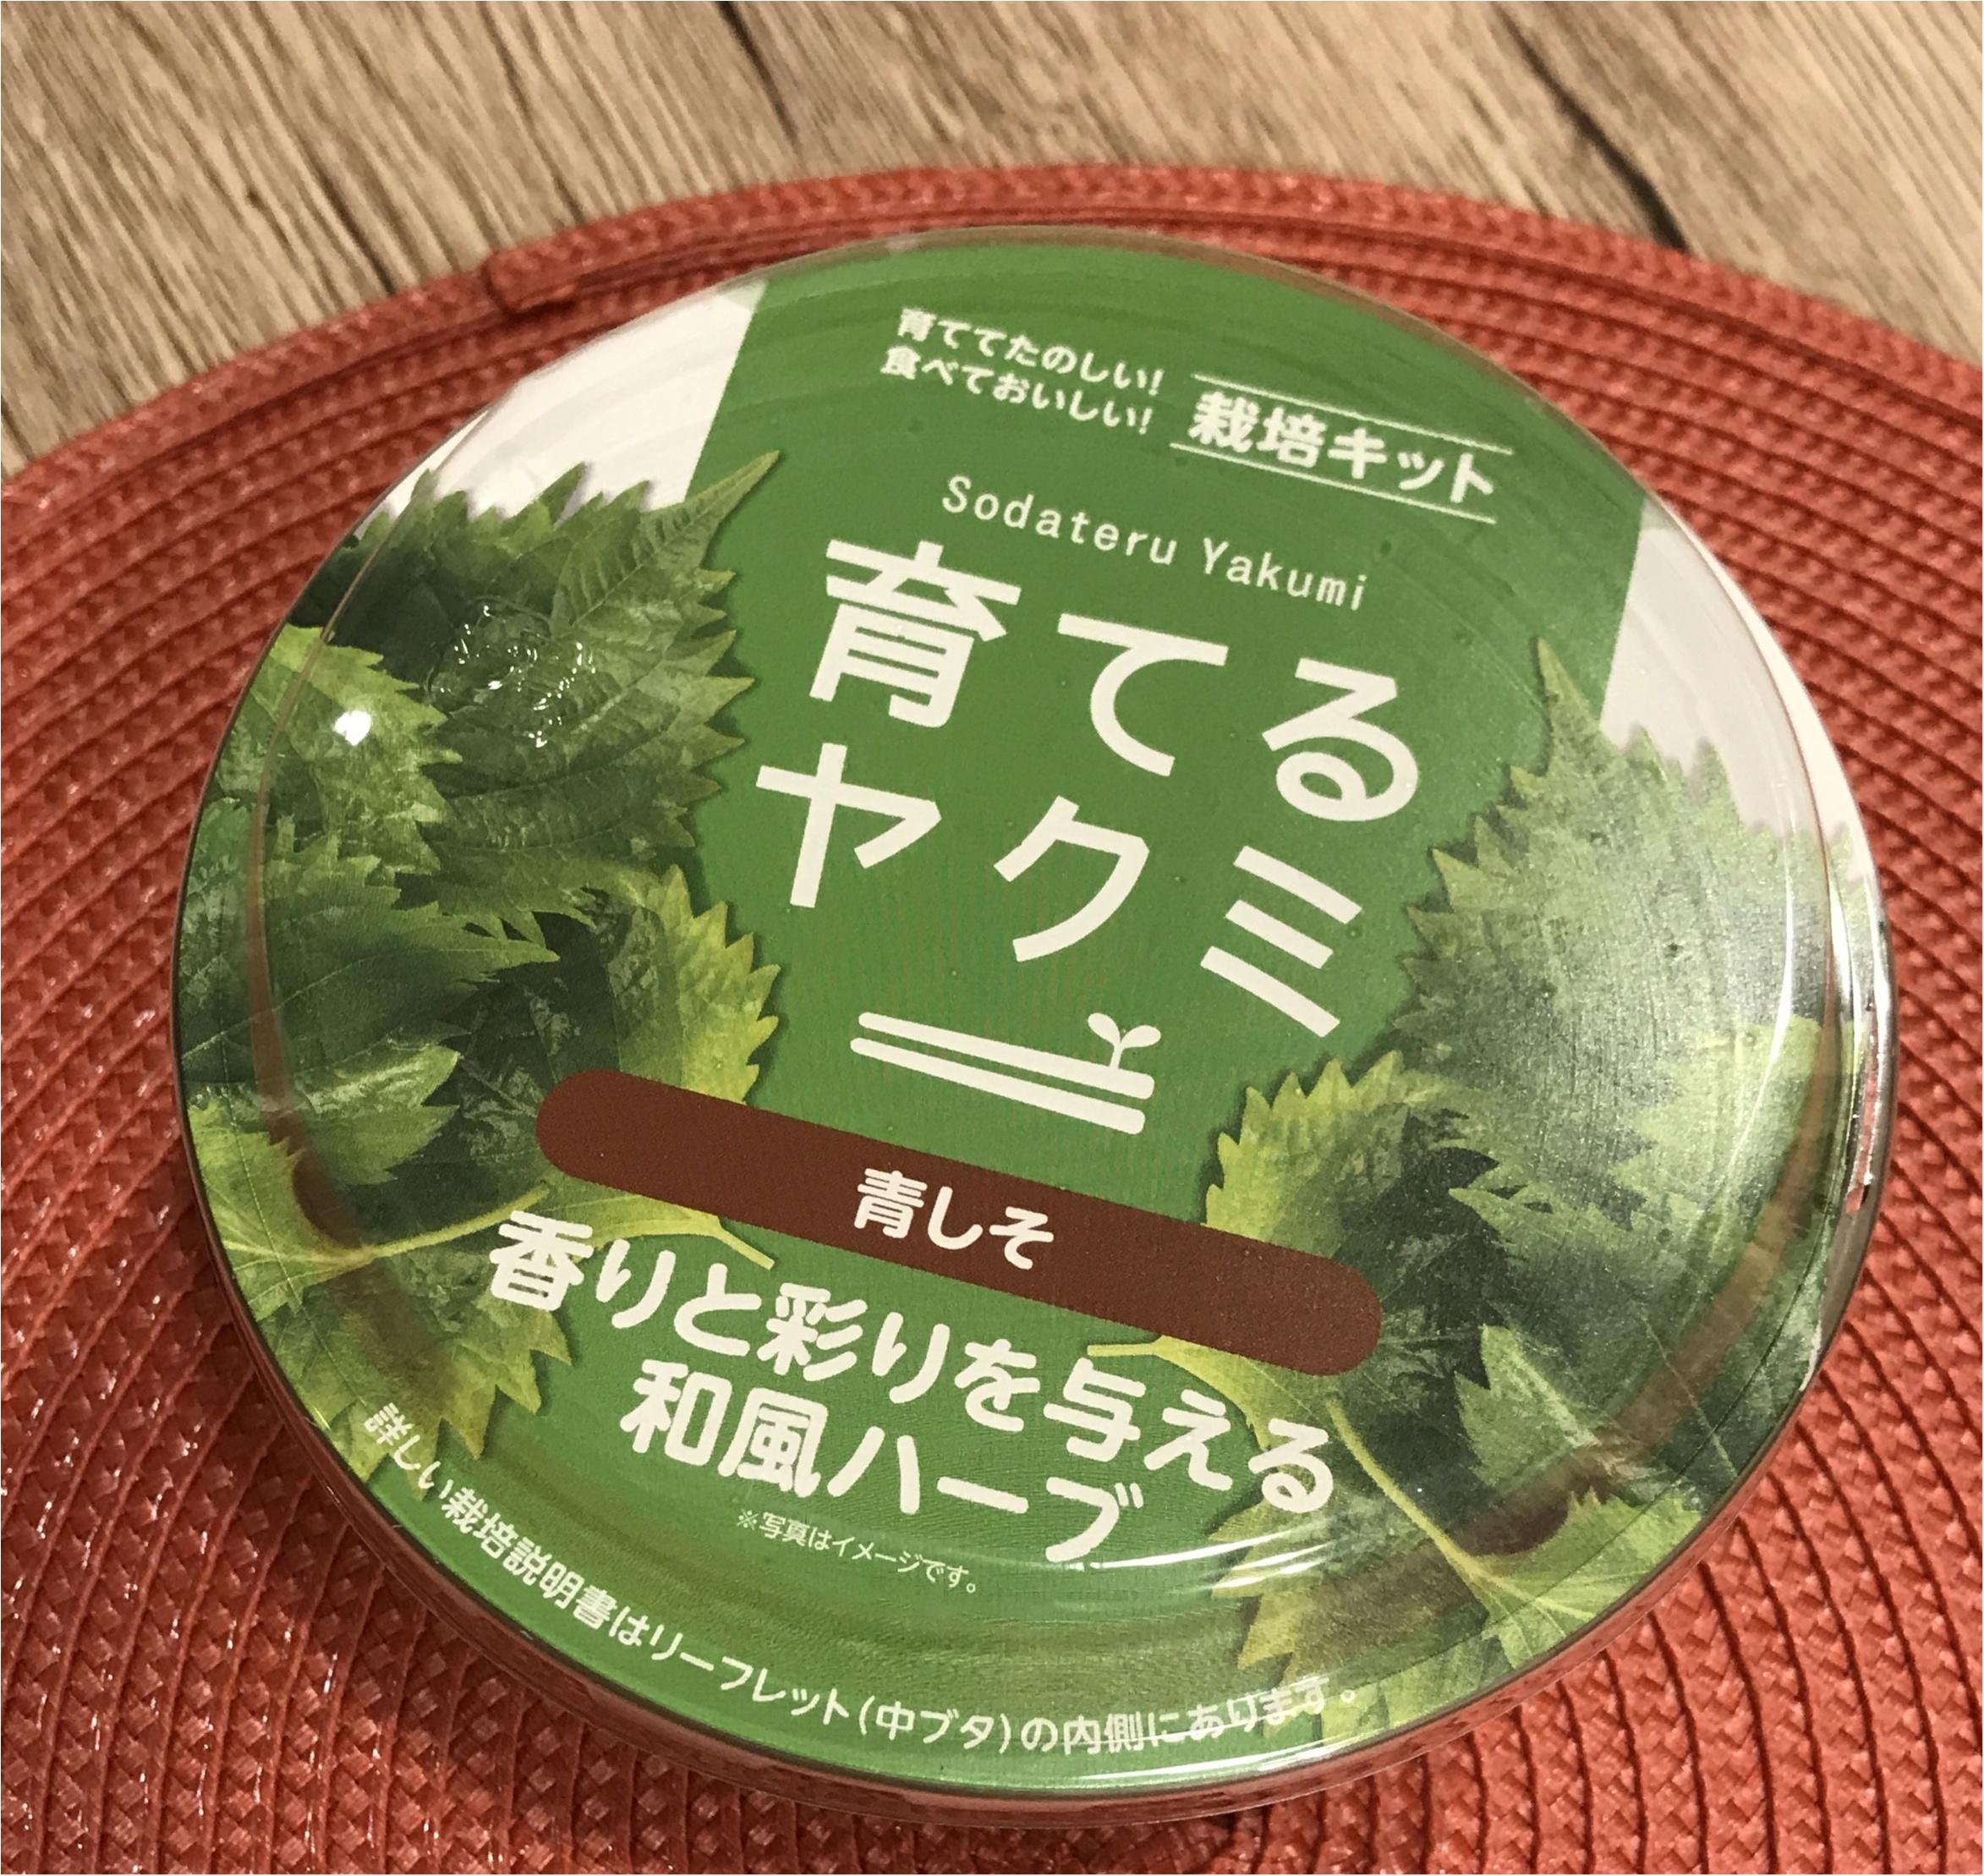 【life】コンビニで売っていた〇〇を試してみます!プチ家庭菜園デビュー!!_1